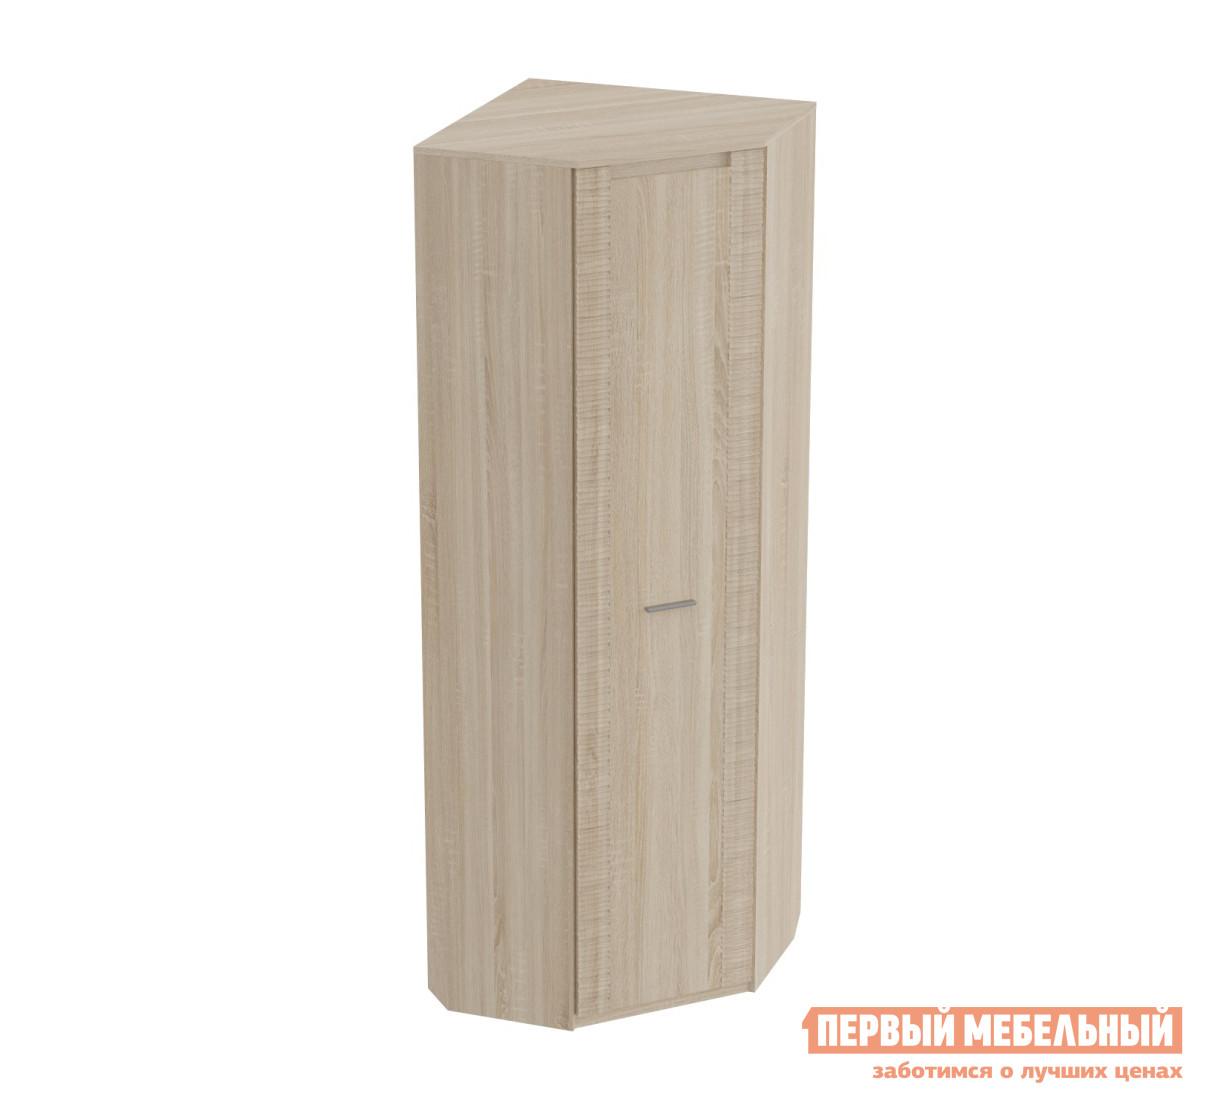 Шкаф распашной ТД Арника Шкаф угловой